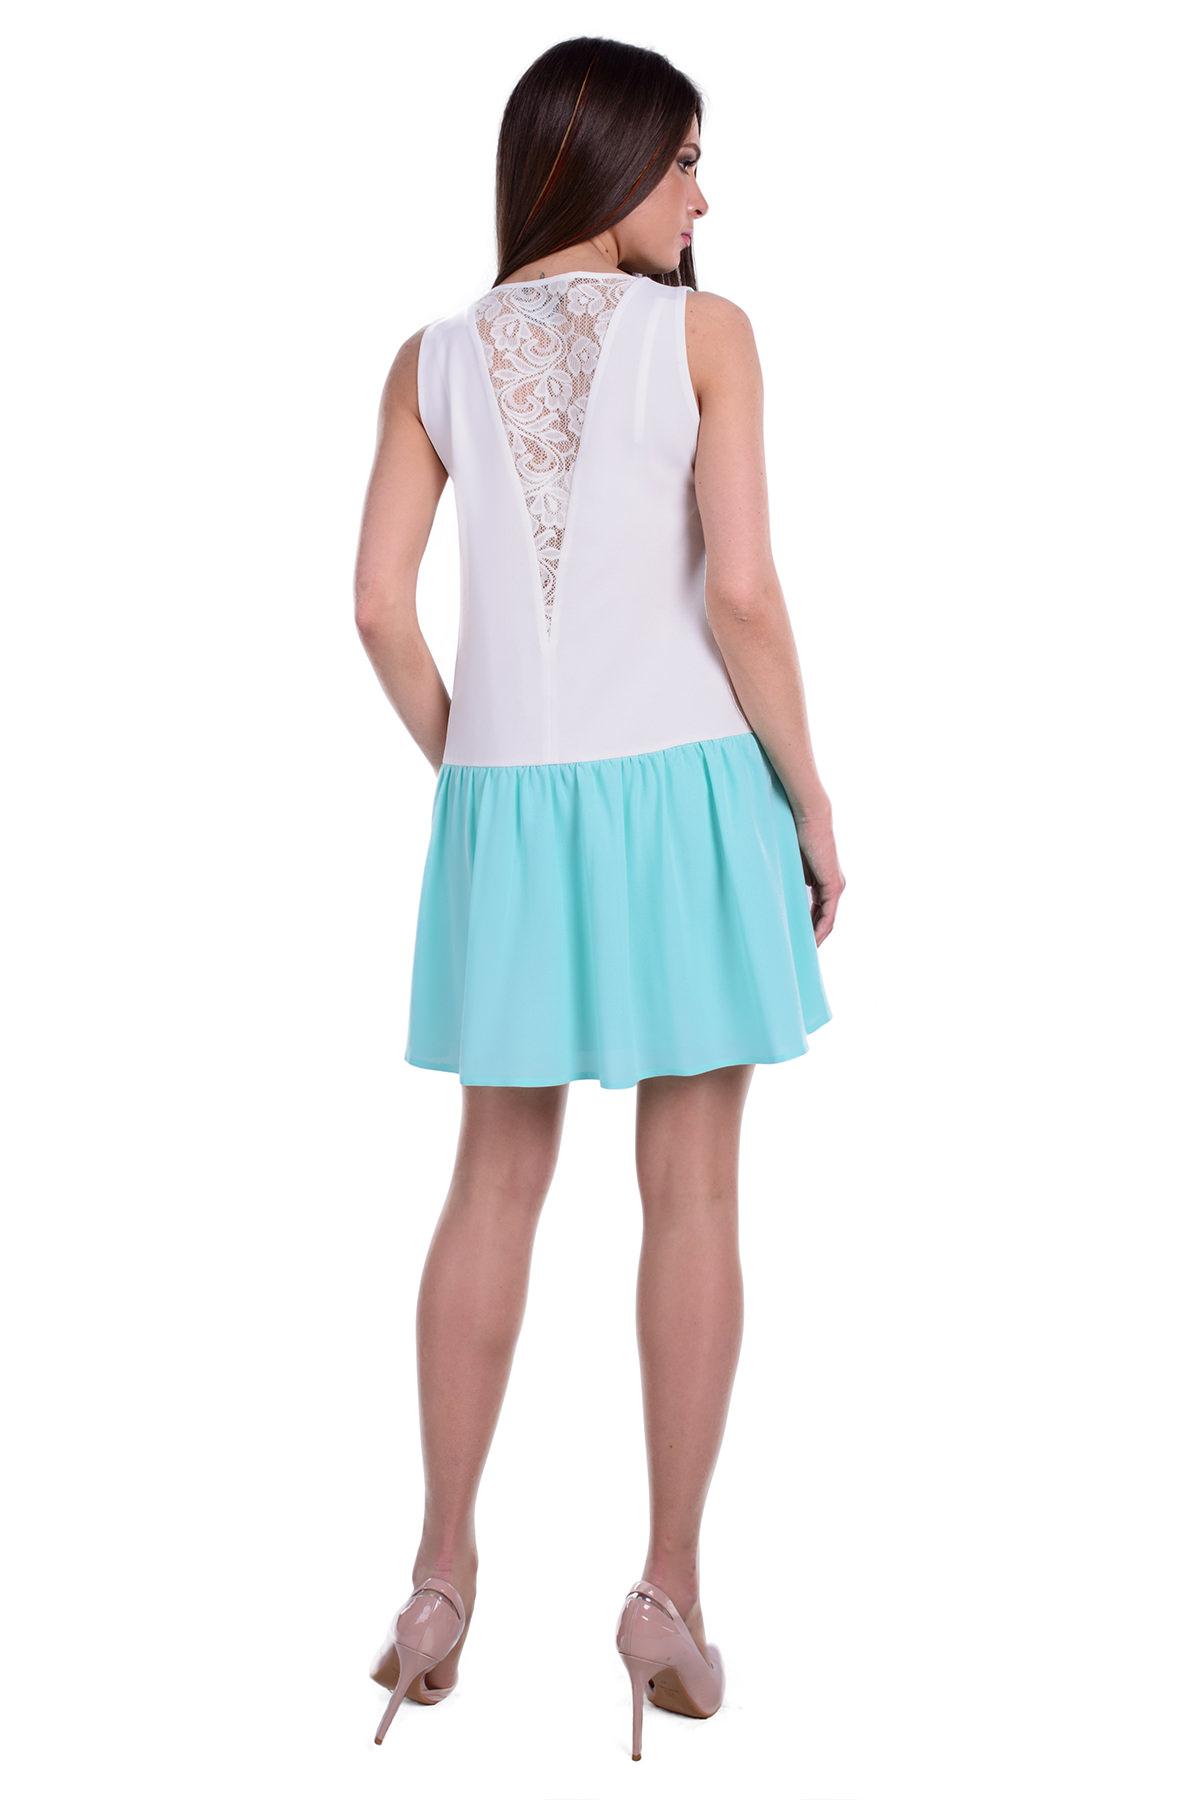 Платье Ланара креп шифон АРТ. 6358 Цвет: Мята / молоко - фото 3, интернет магазин tm-modus.ru